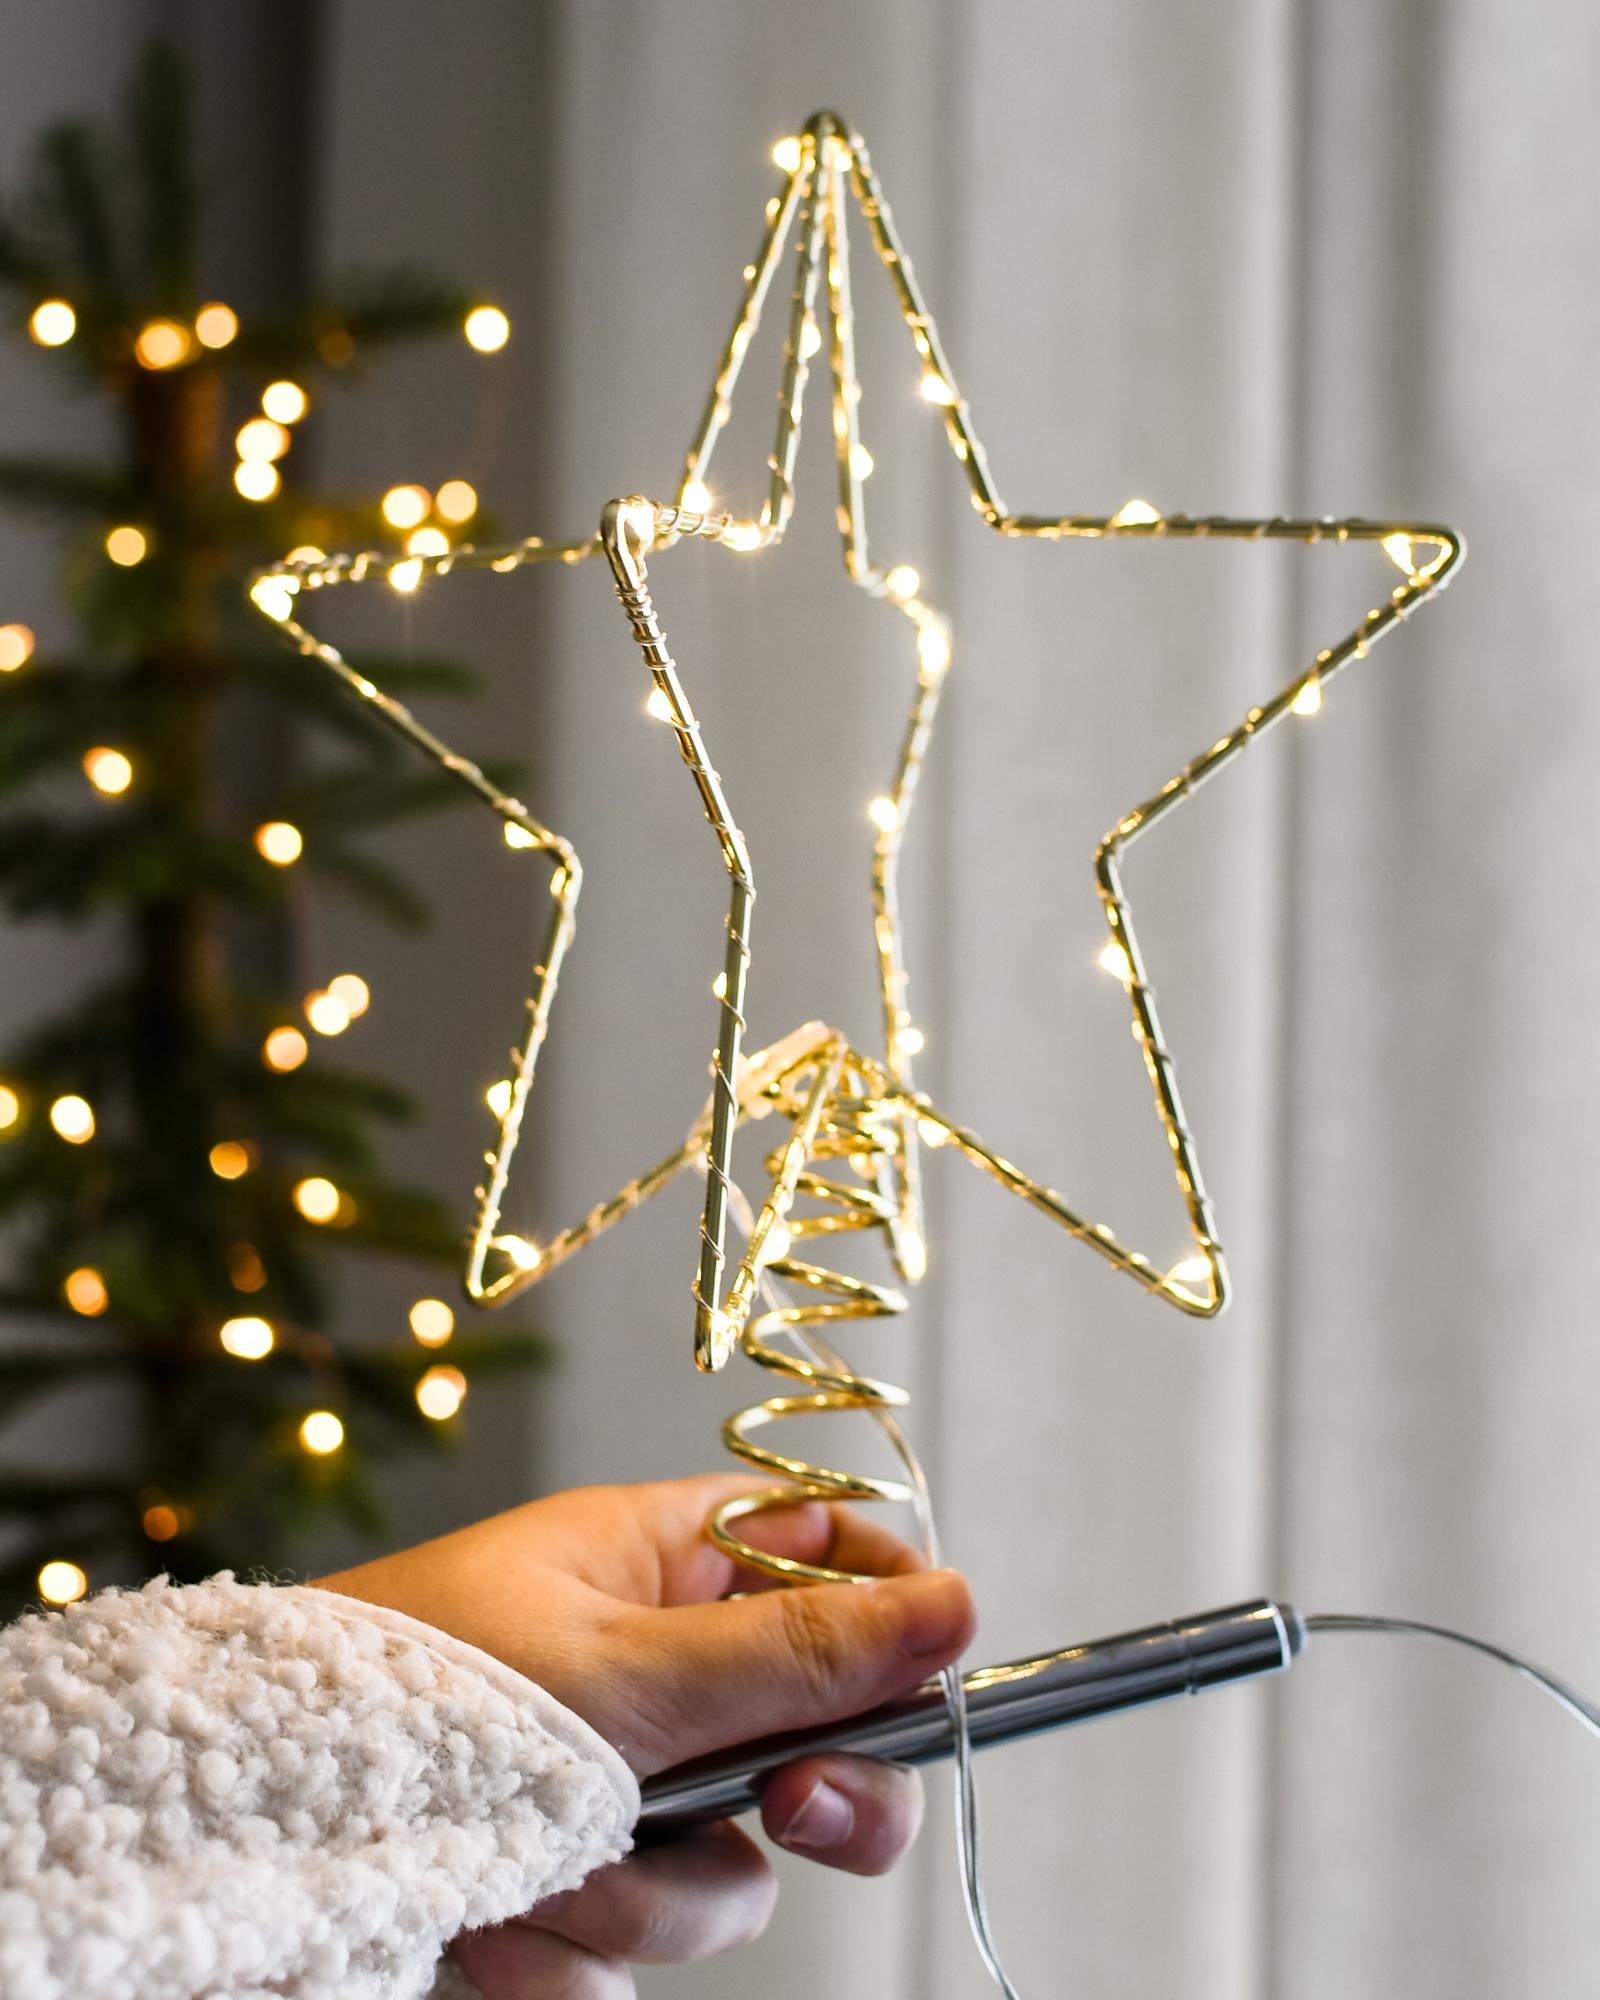 ster pieken - stervormige kerstboompieken